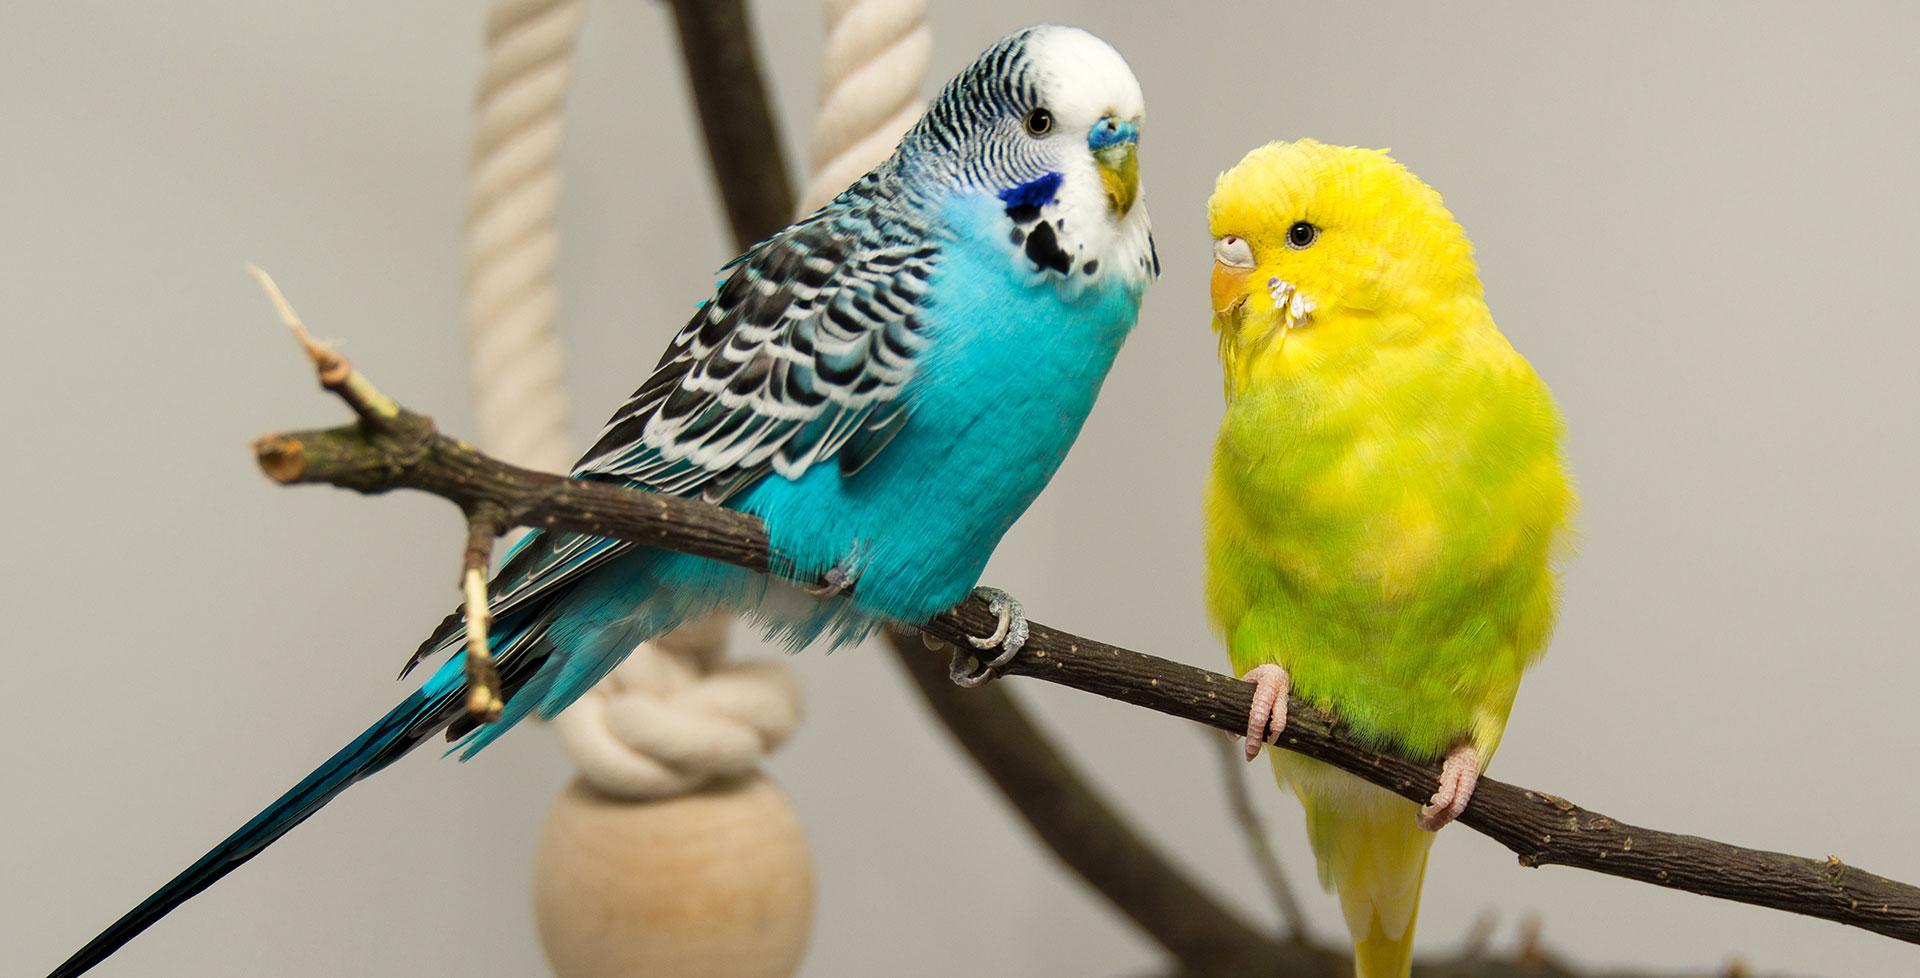 Einzel- oder Paarhaltung: Wie halte ich meine Ziervögel am besten zu Hause?